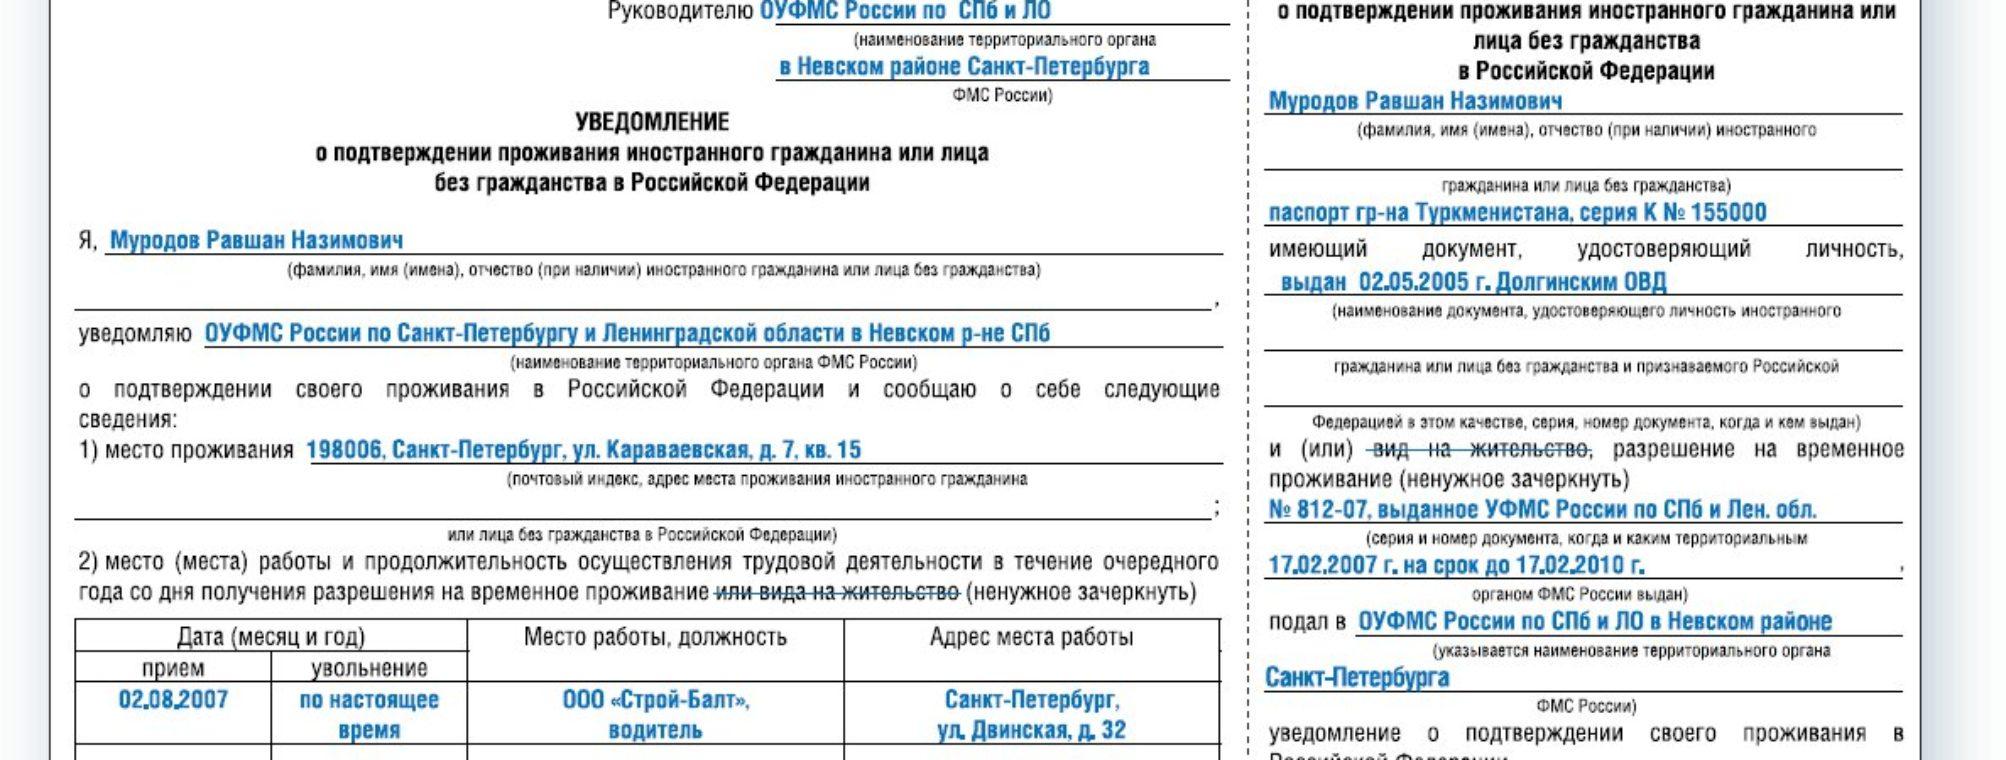 Вид на жительство в РФ как получить, как продлить, сколько заплатить